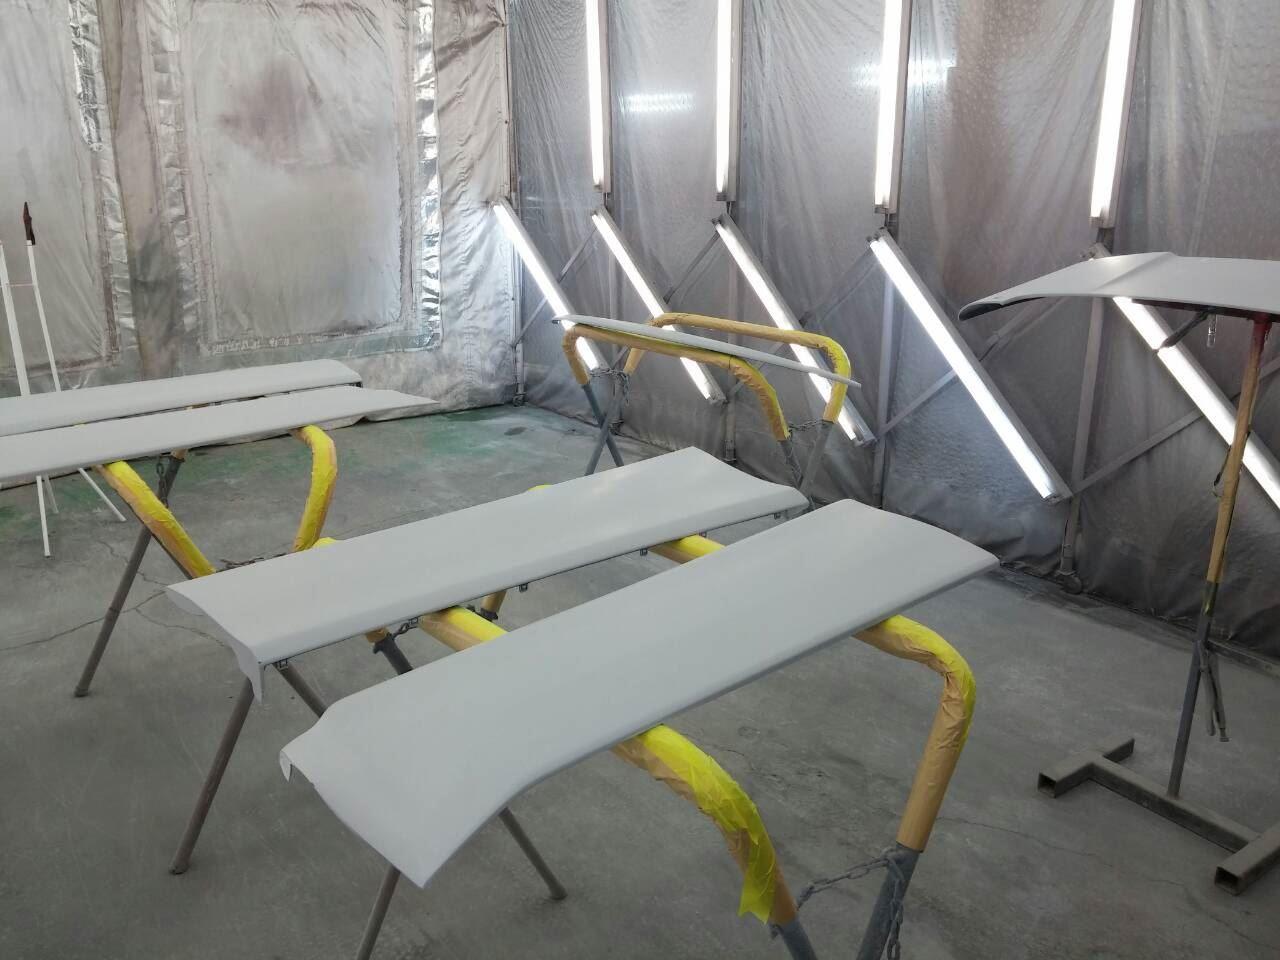 東京都立川市の車の板金塗装修理工場 ガレージローライドのトヨタ エスティマのエアロパーツ塗装・取付 です。